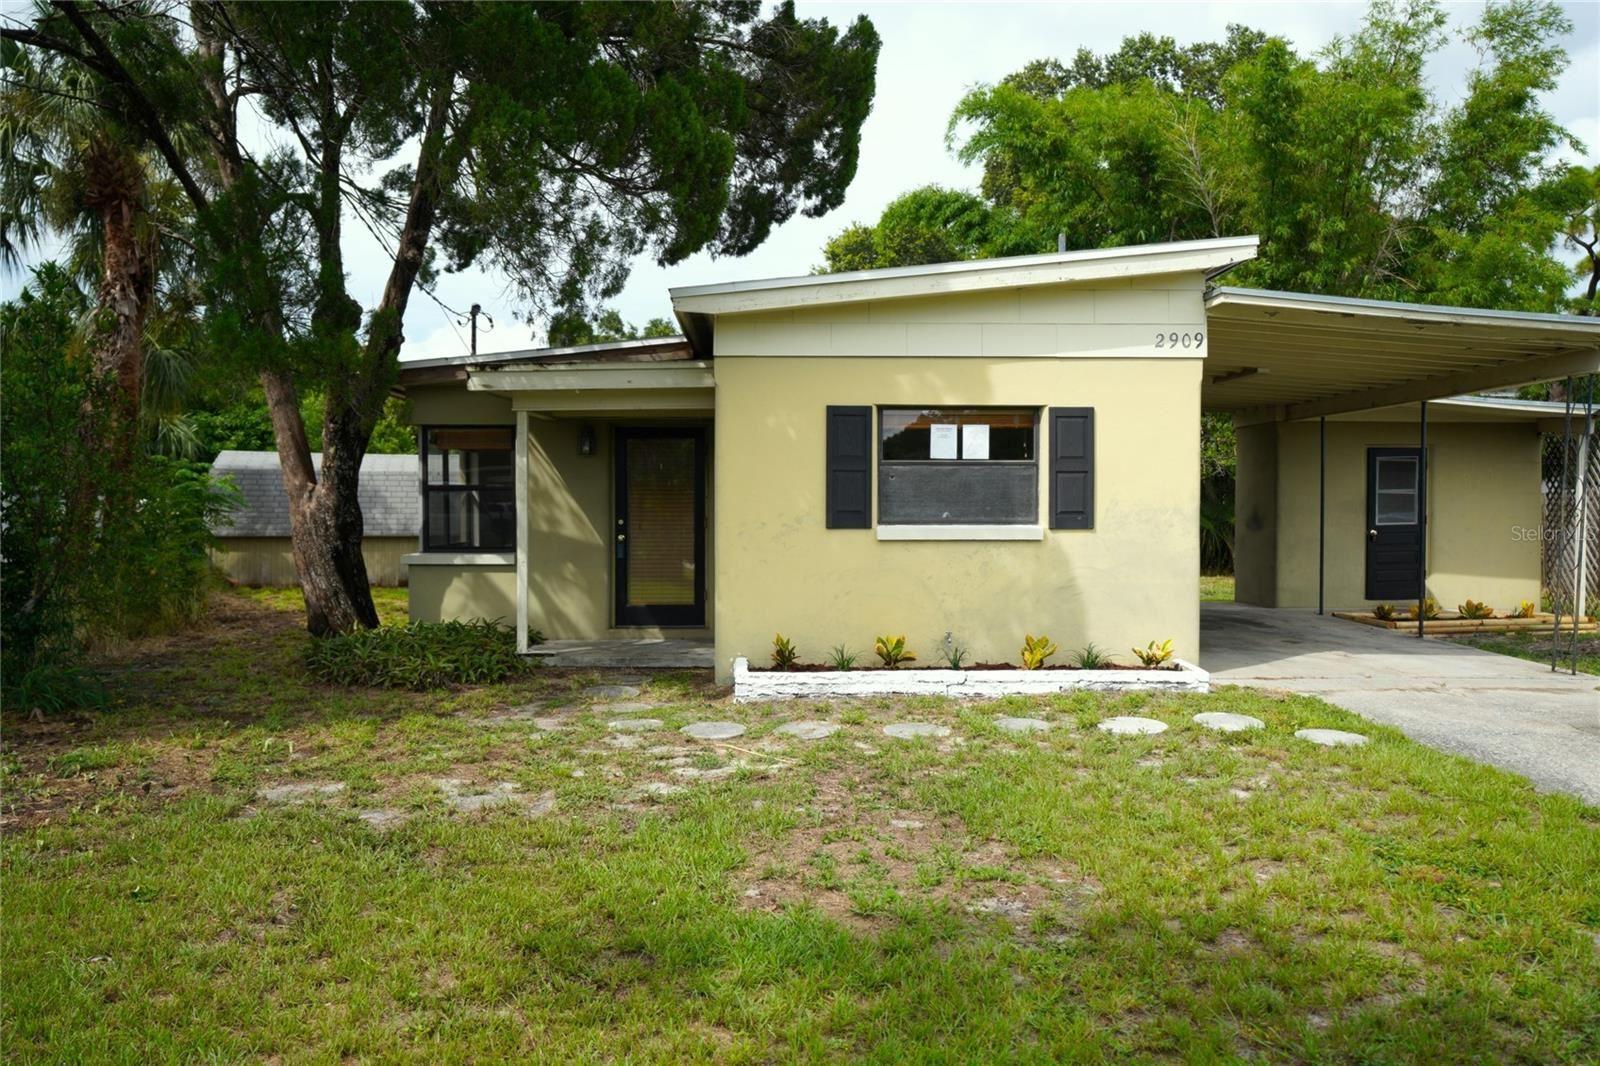 2909 W ELROD AVENUE, Tampa, FL 33611 - MLS#: T3321069